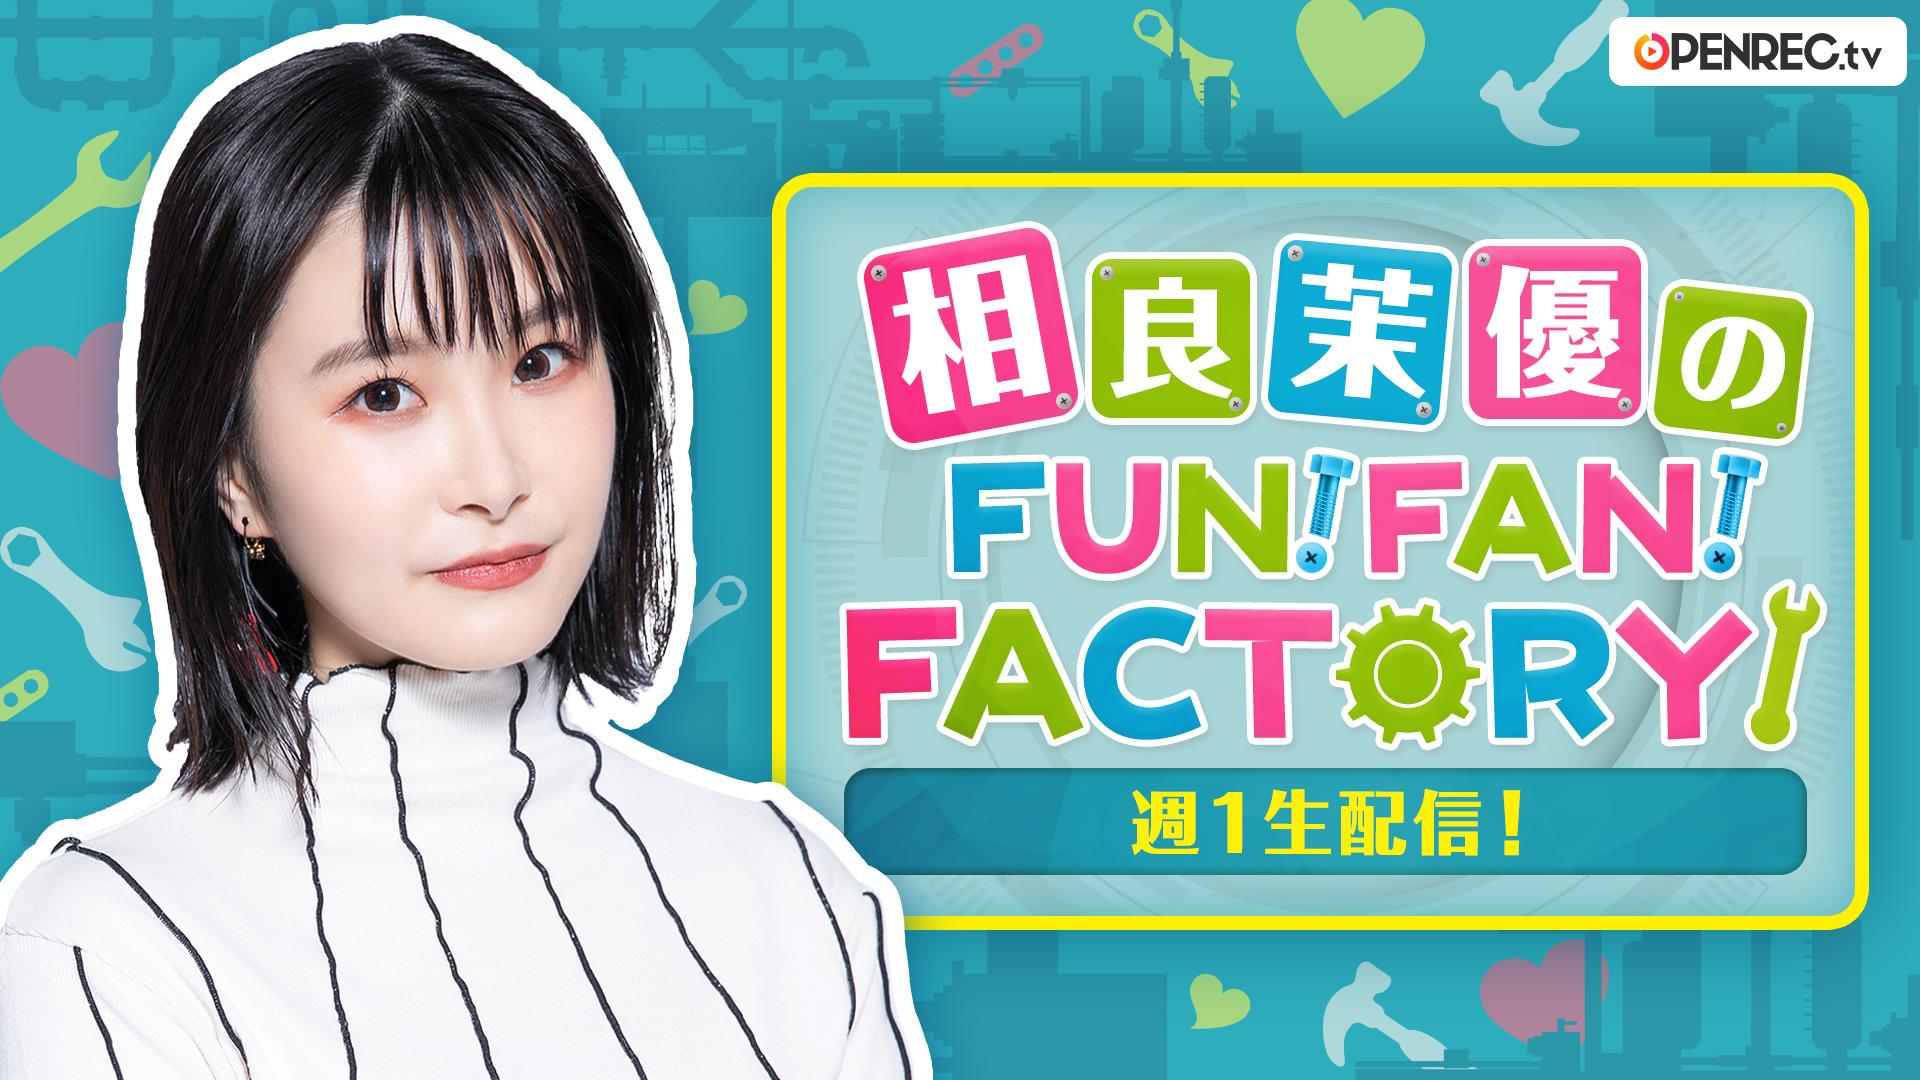 生配信番組「相良茉優のFUN!FAN!FACTORY!」